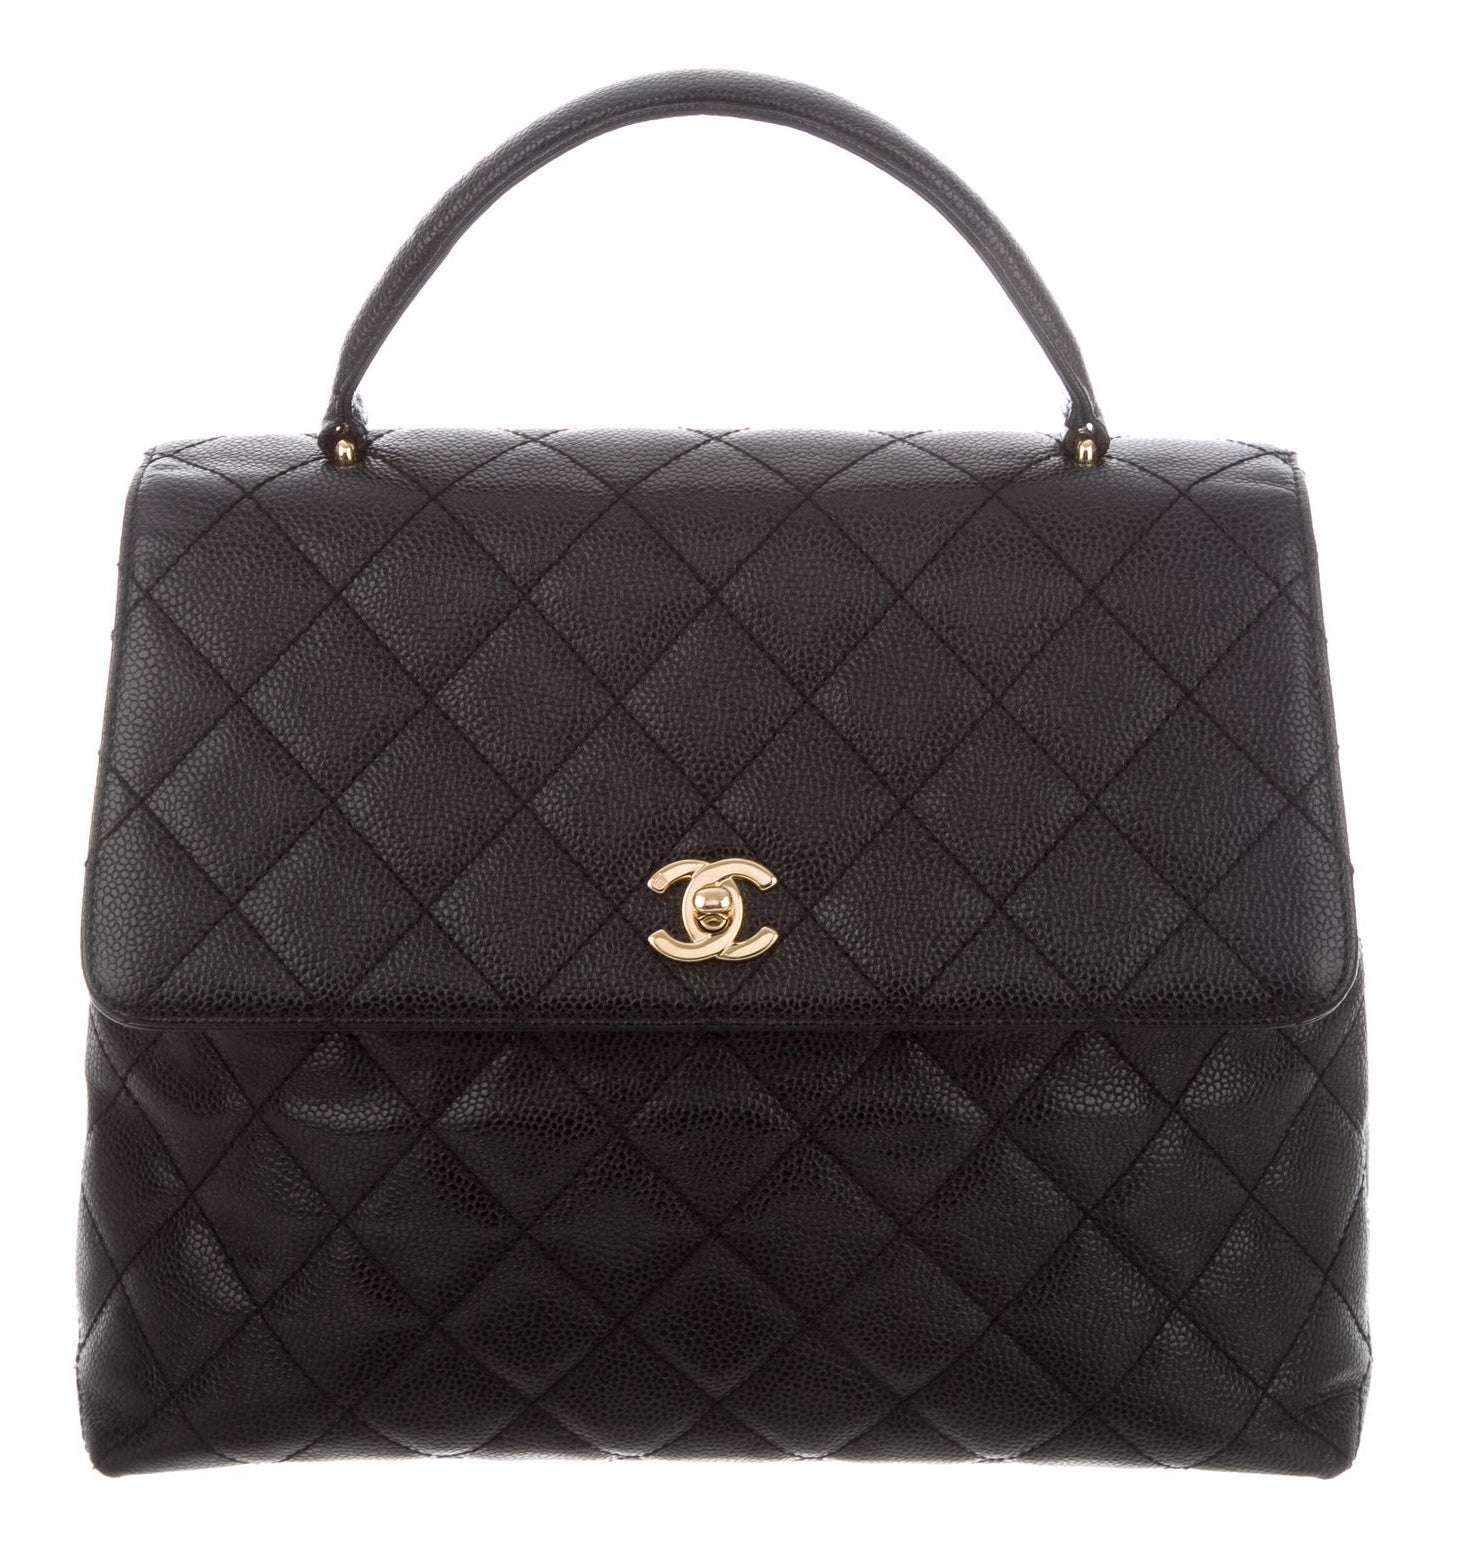 Chanel Vintage Kelly Bag